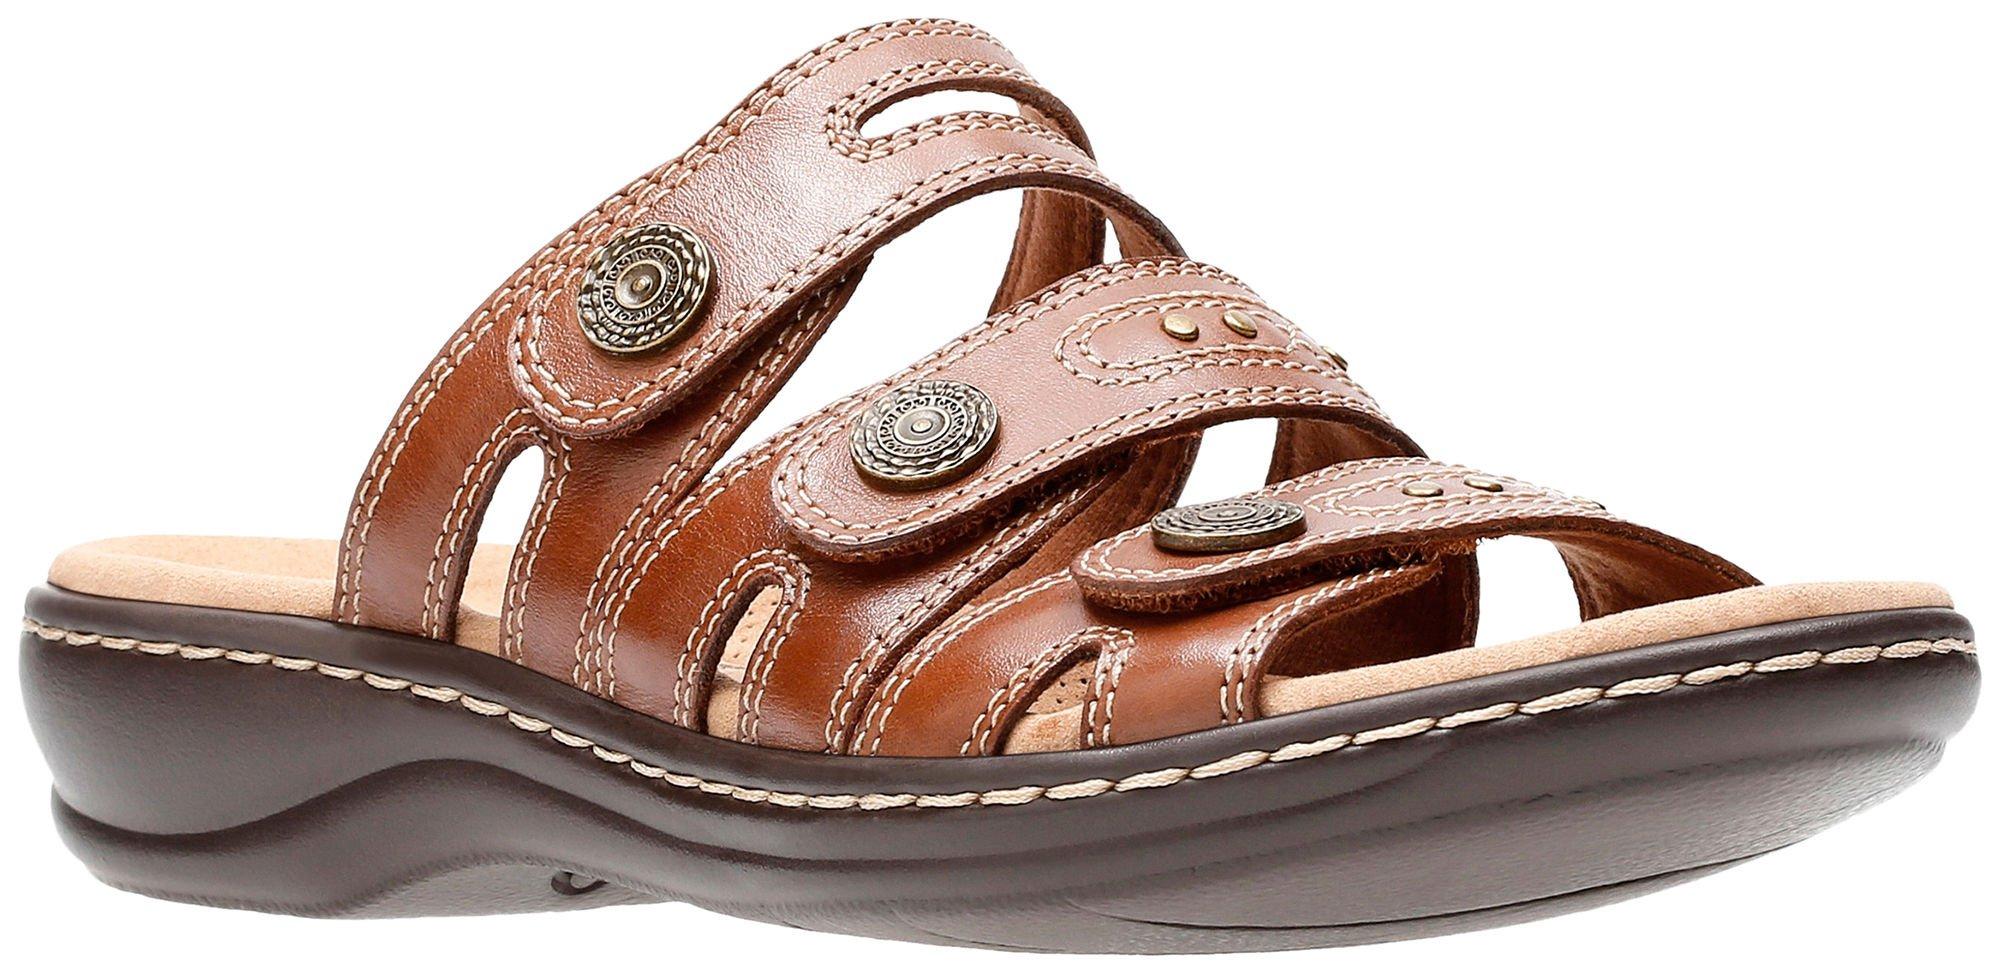 CLARKS New Women's Leisa Lakia Slide Sandal Dark Tan Leather 8.5